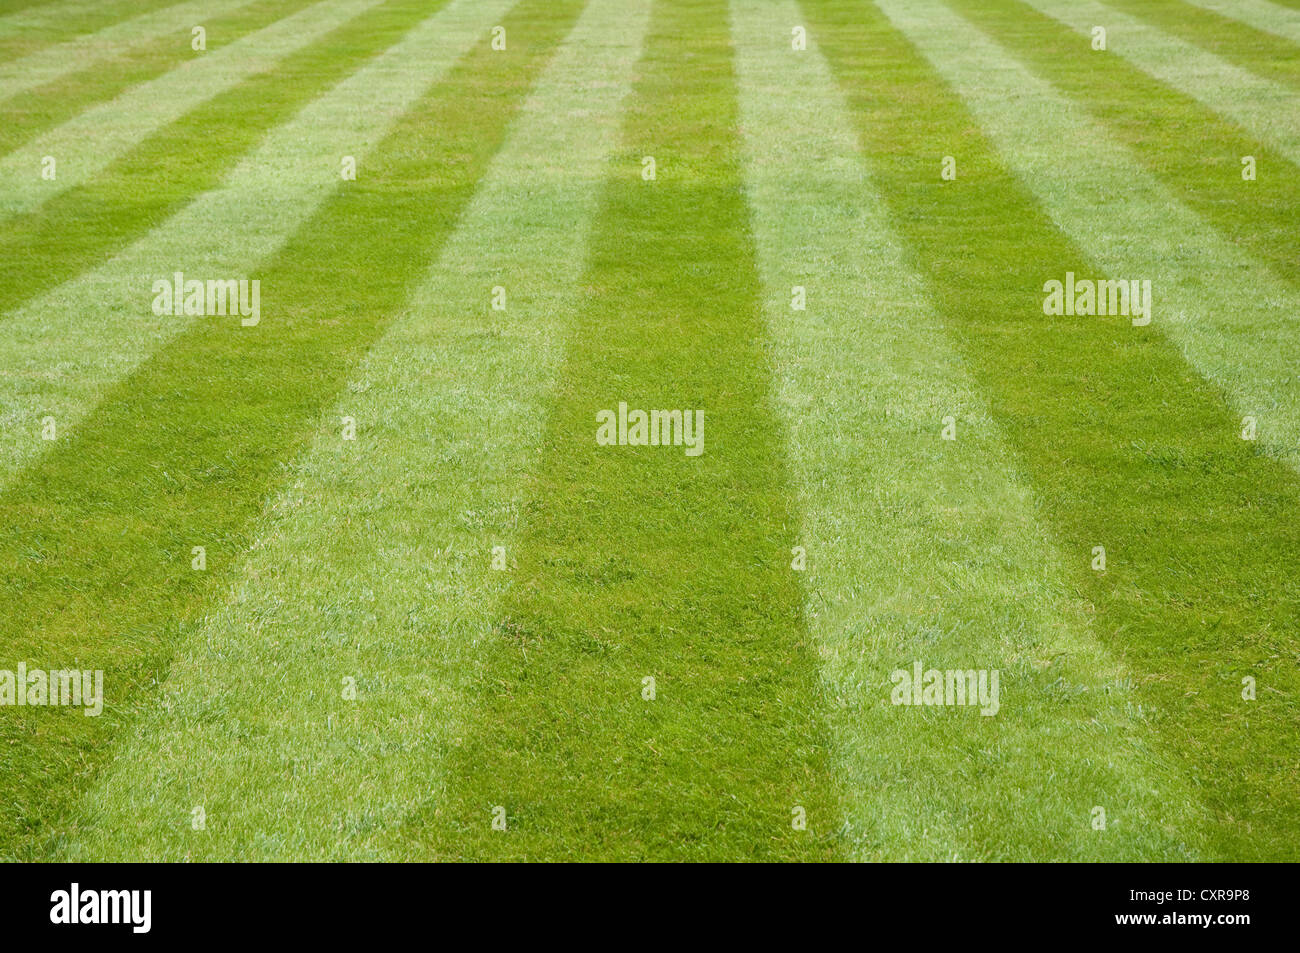 Bandes sur une pelouse. Photo Stock